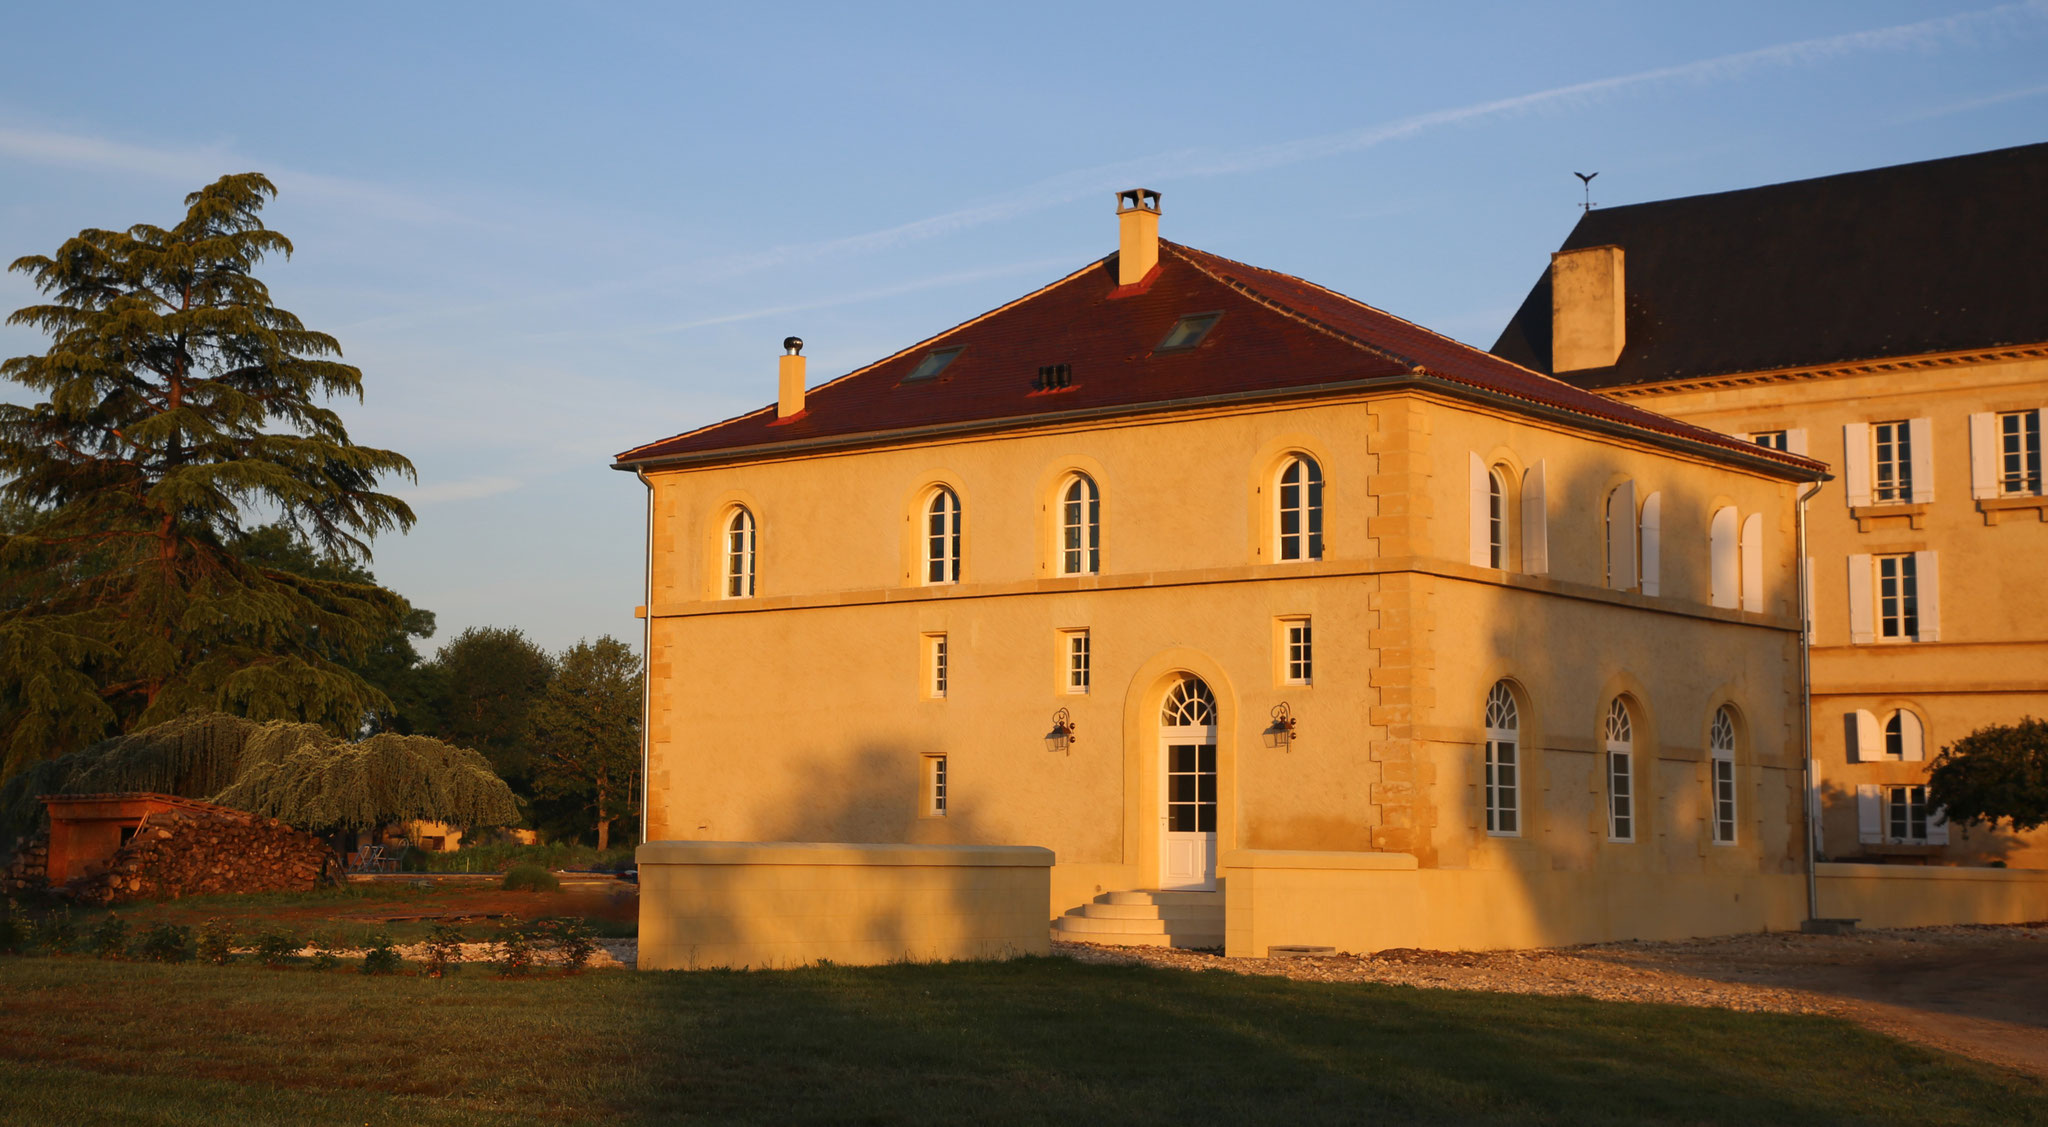 Projet réalisé en collaboration avec le Château de Monboucher 24680 Lamonzie Saint Martin